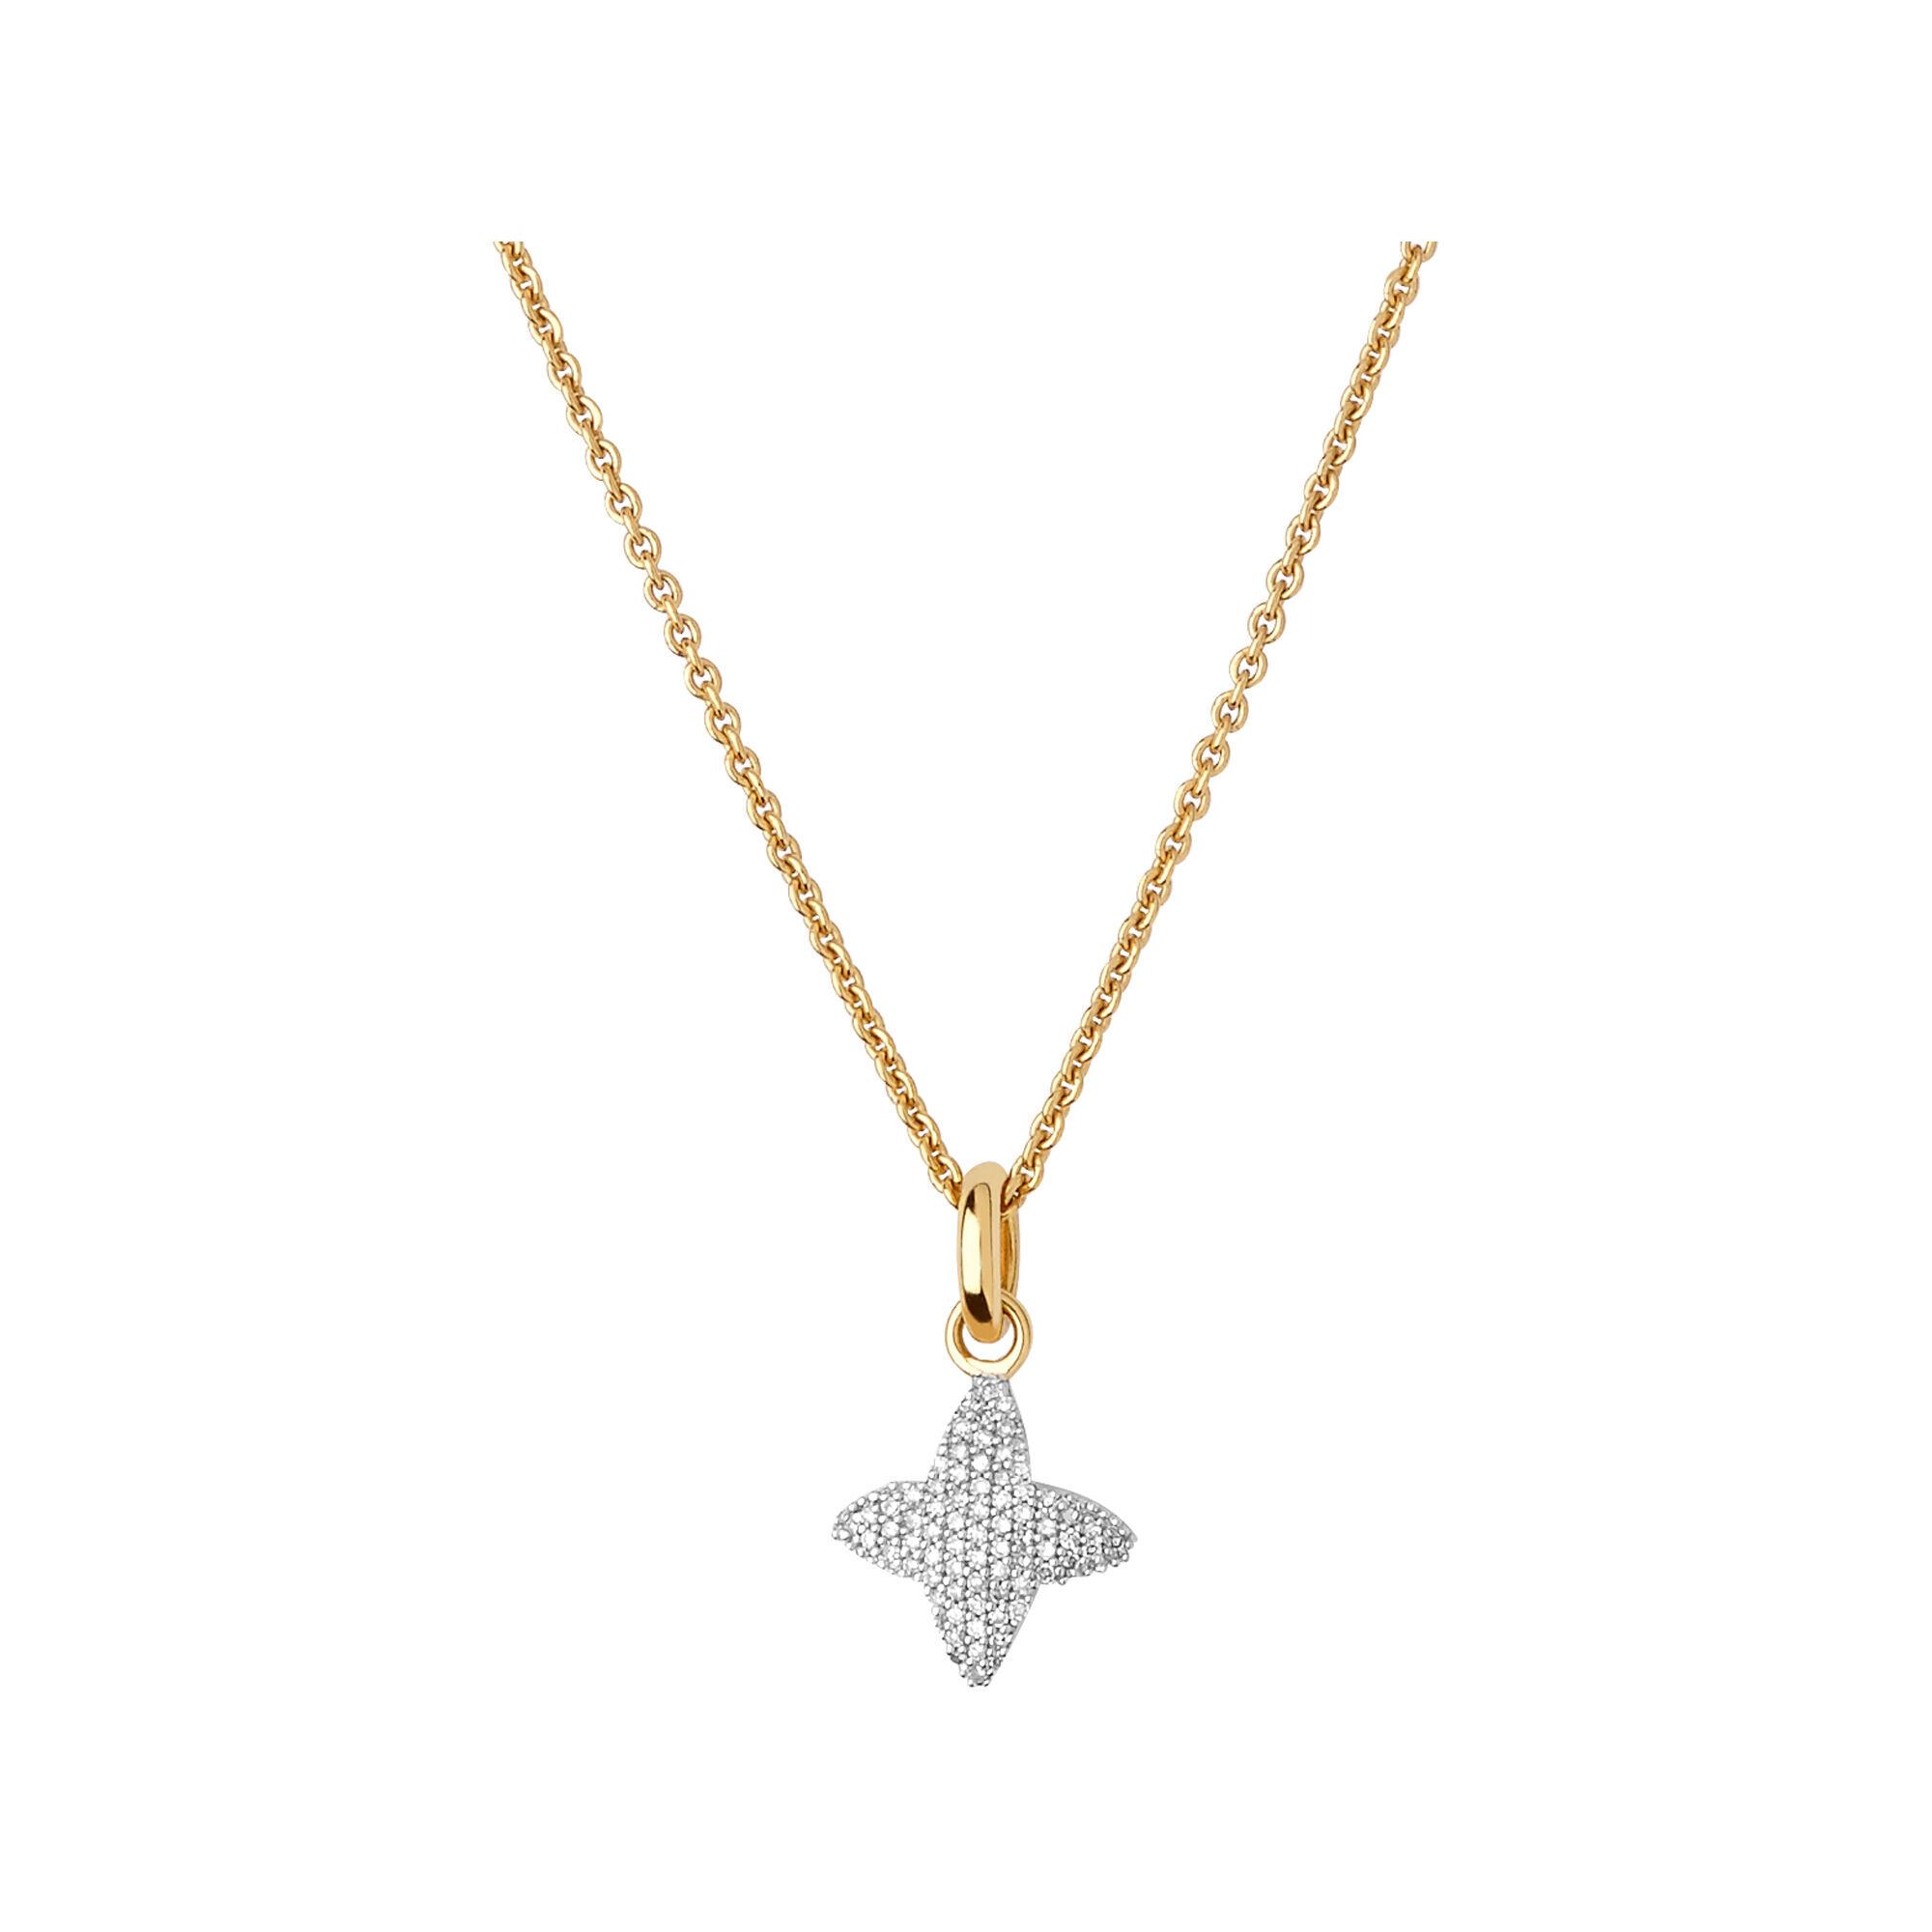 スプレンダー ダイヤモンド ネックレス